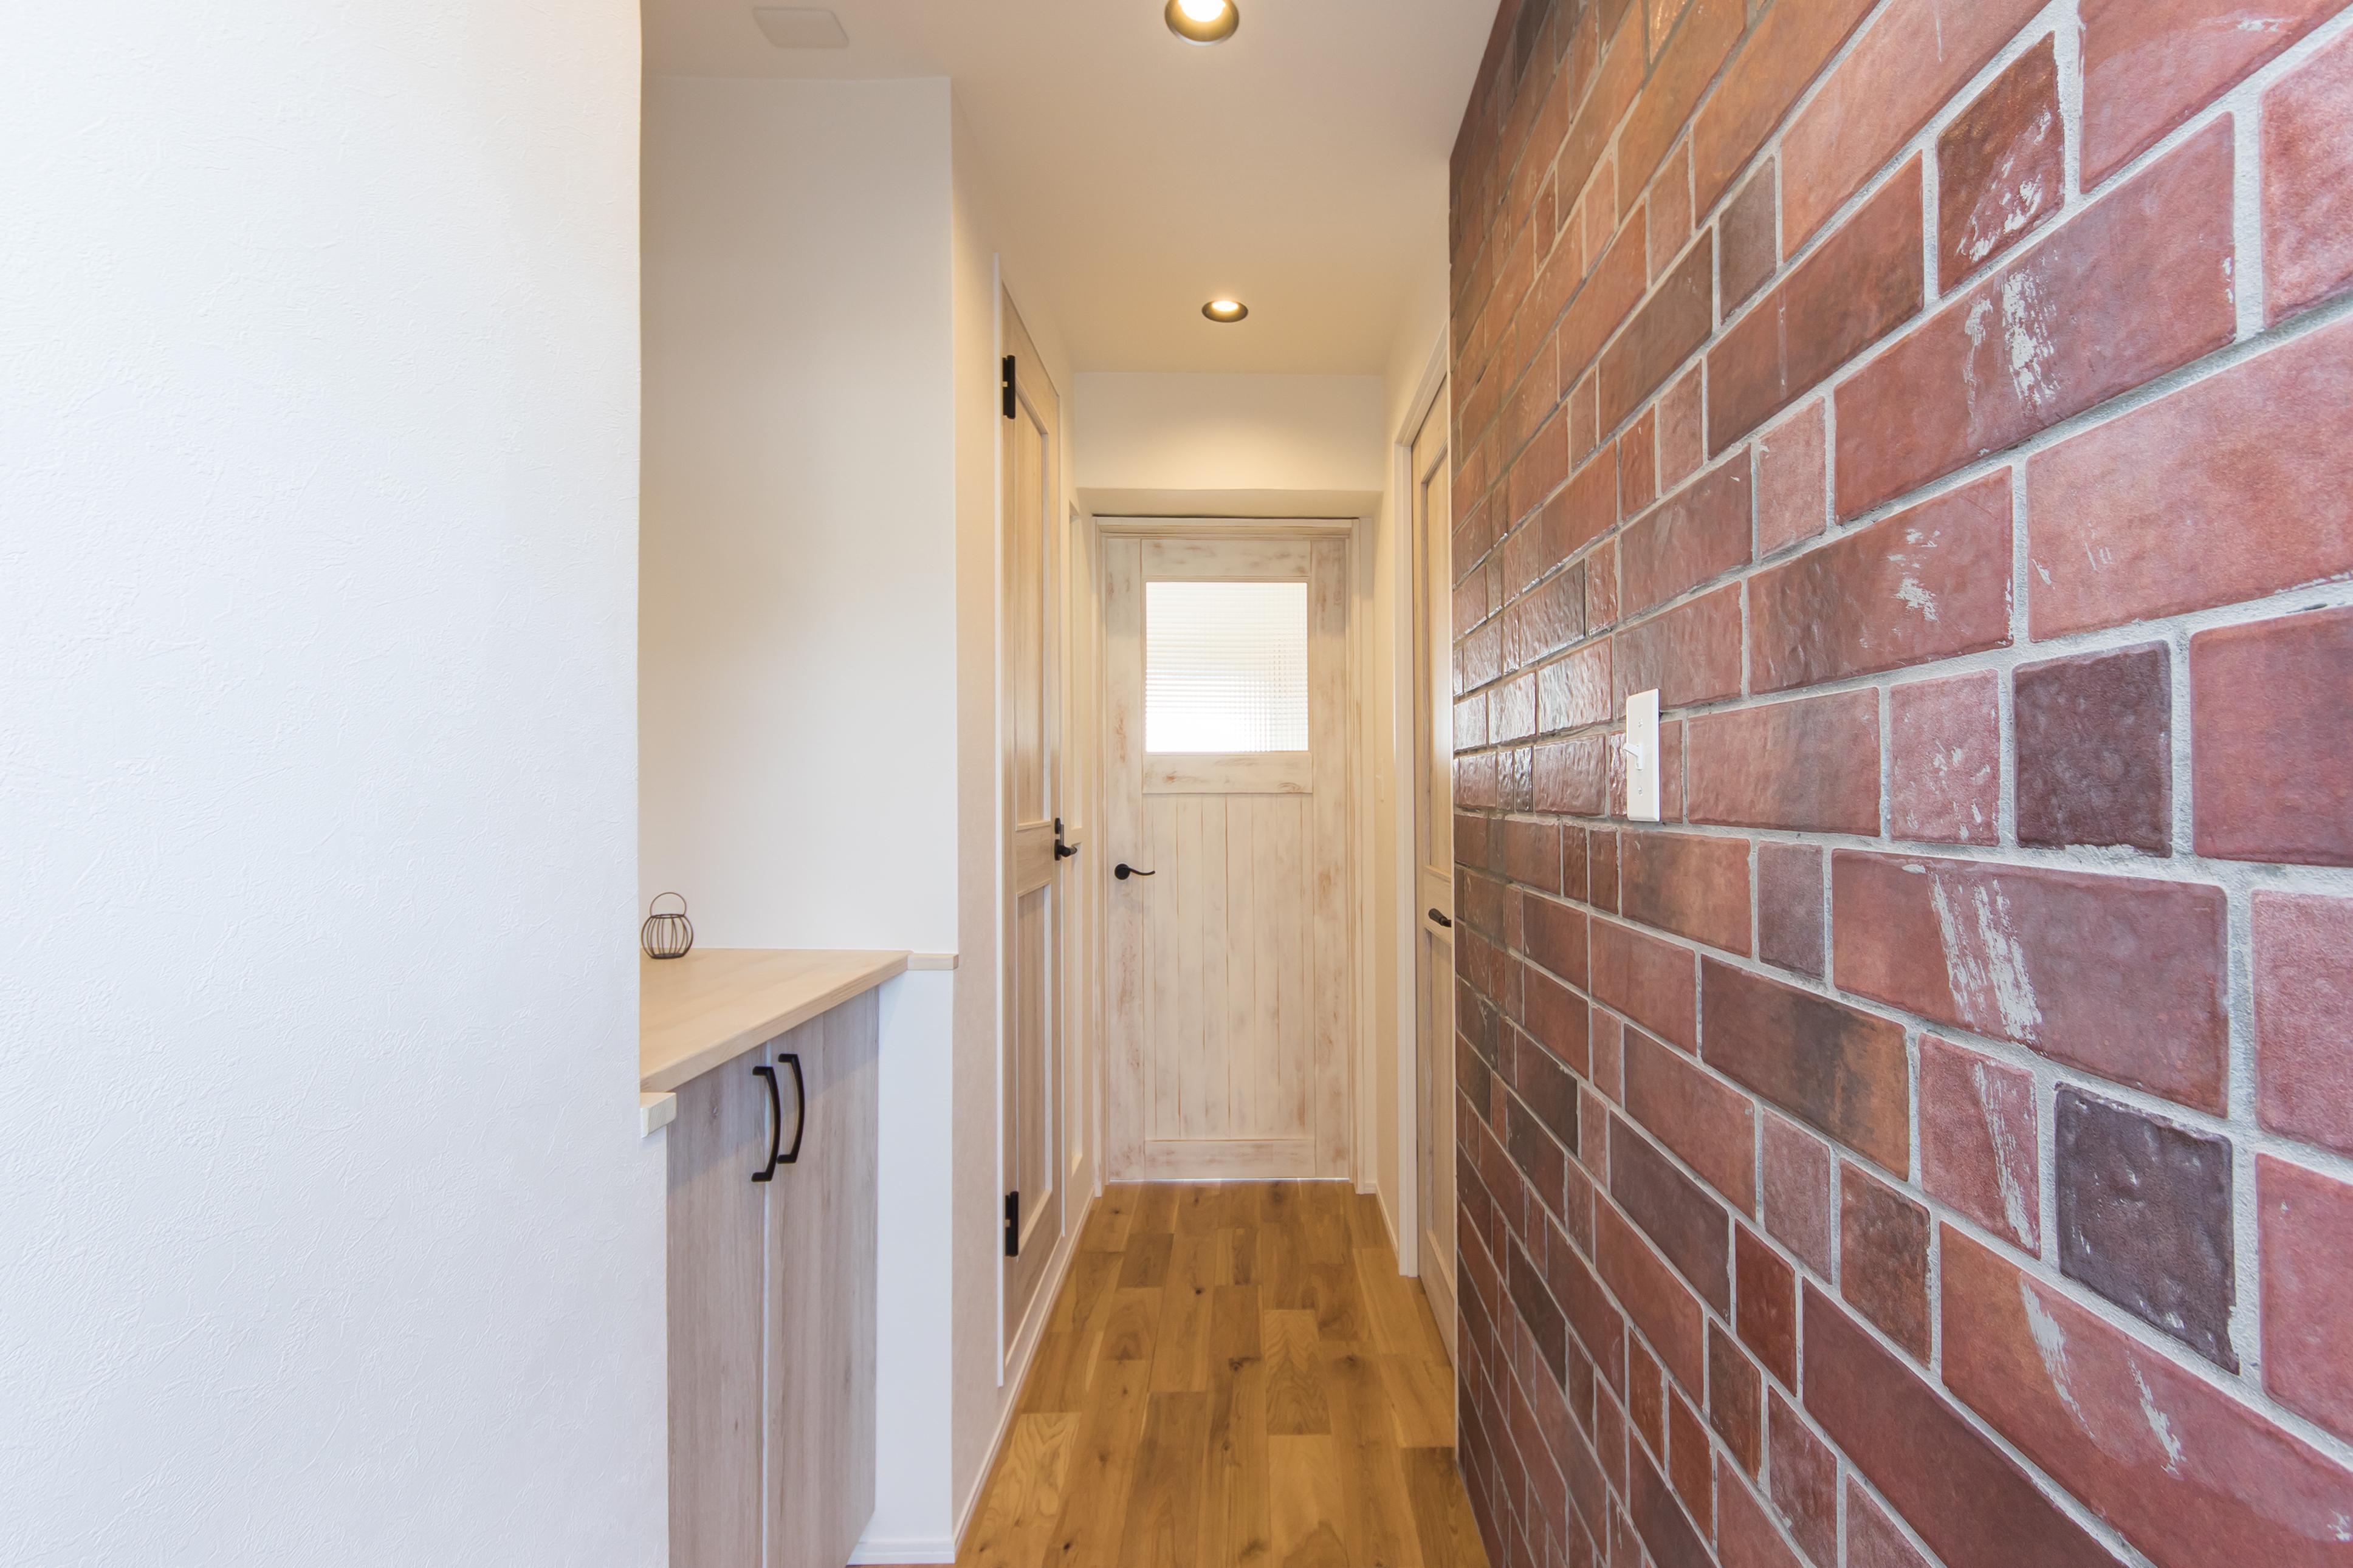 玄関、ブルックタイル、煉瓦風、レンガ、壁、建具、廊下、マンションリノベーション